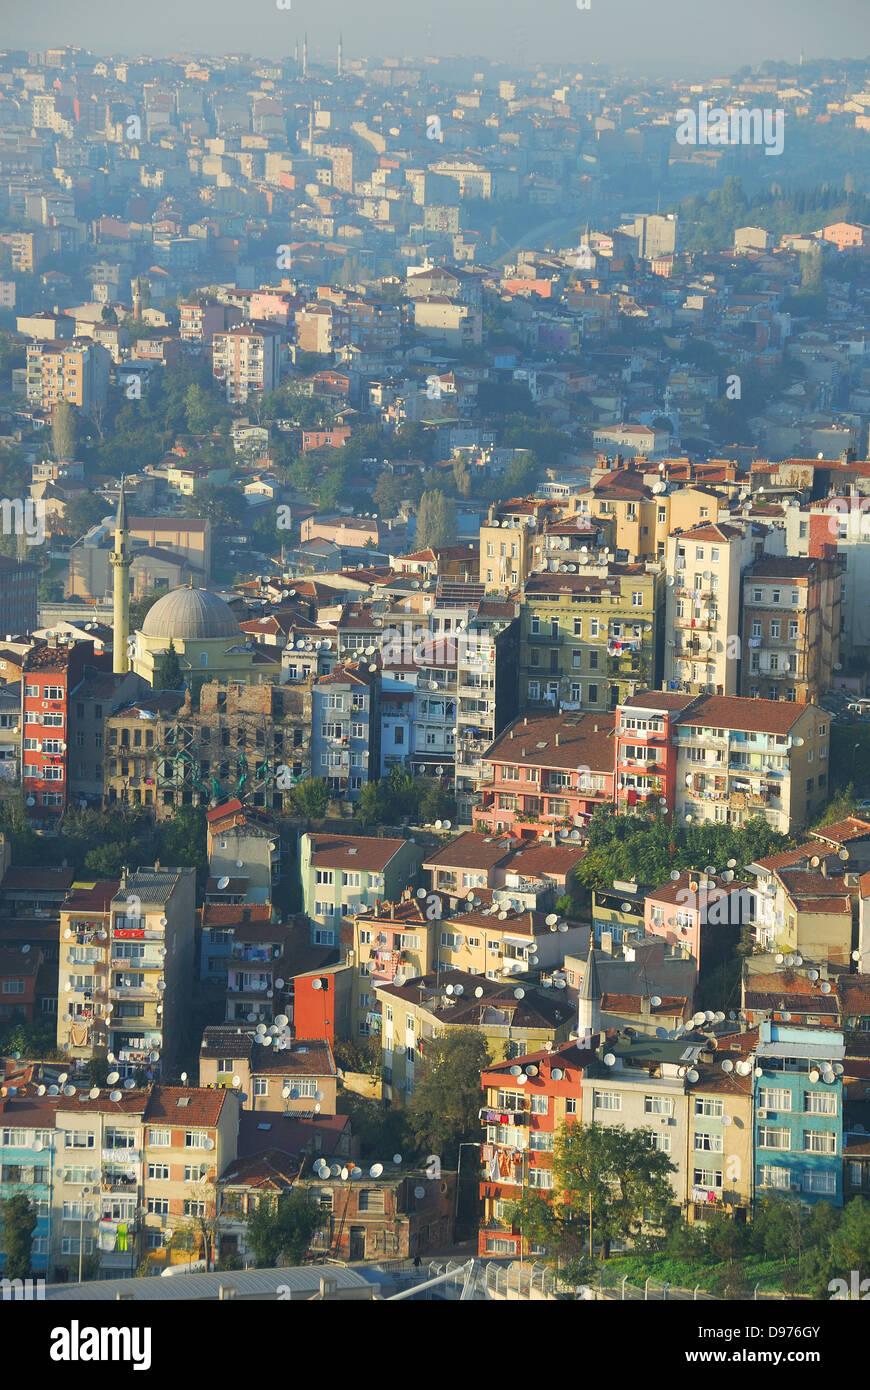 ISTANBUL, TURKEY. Urban sprawl. - Stock Image